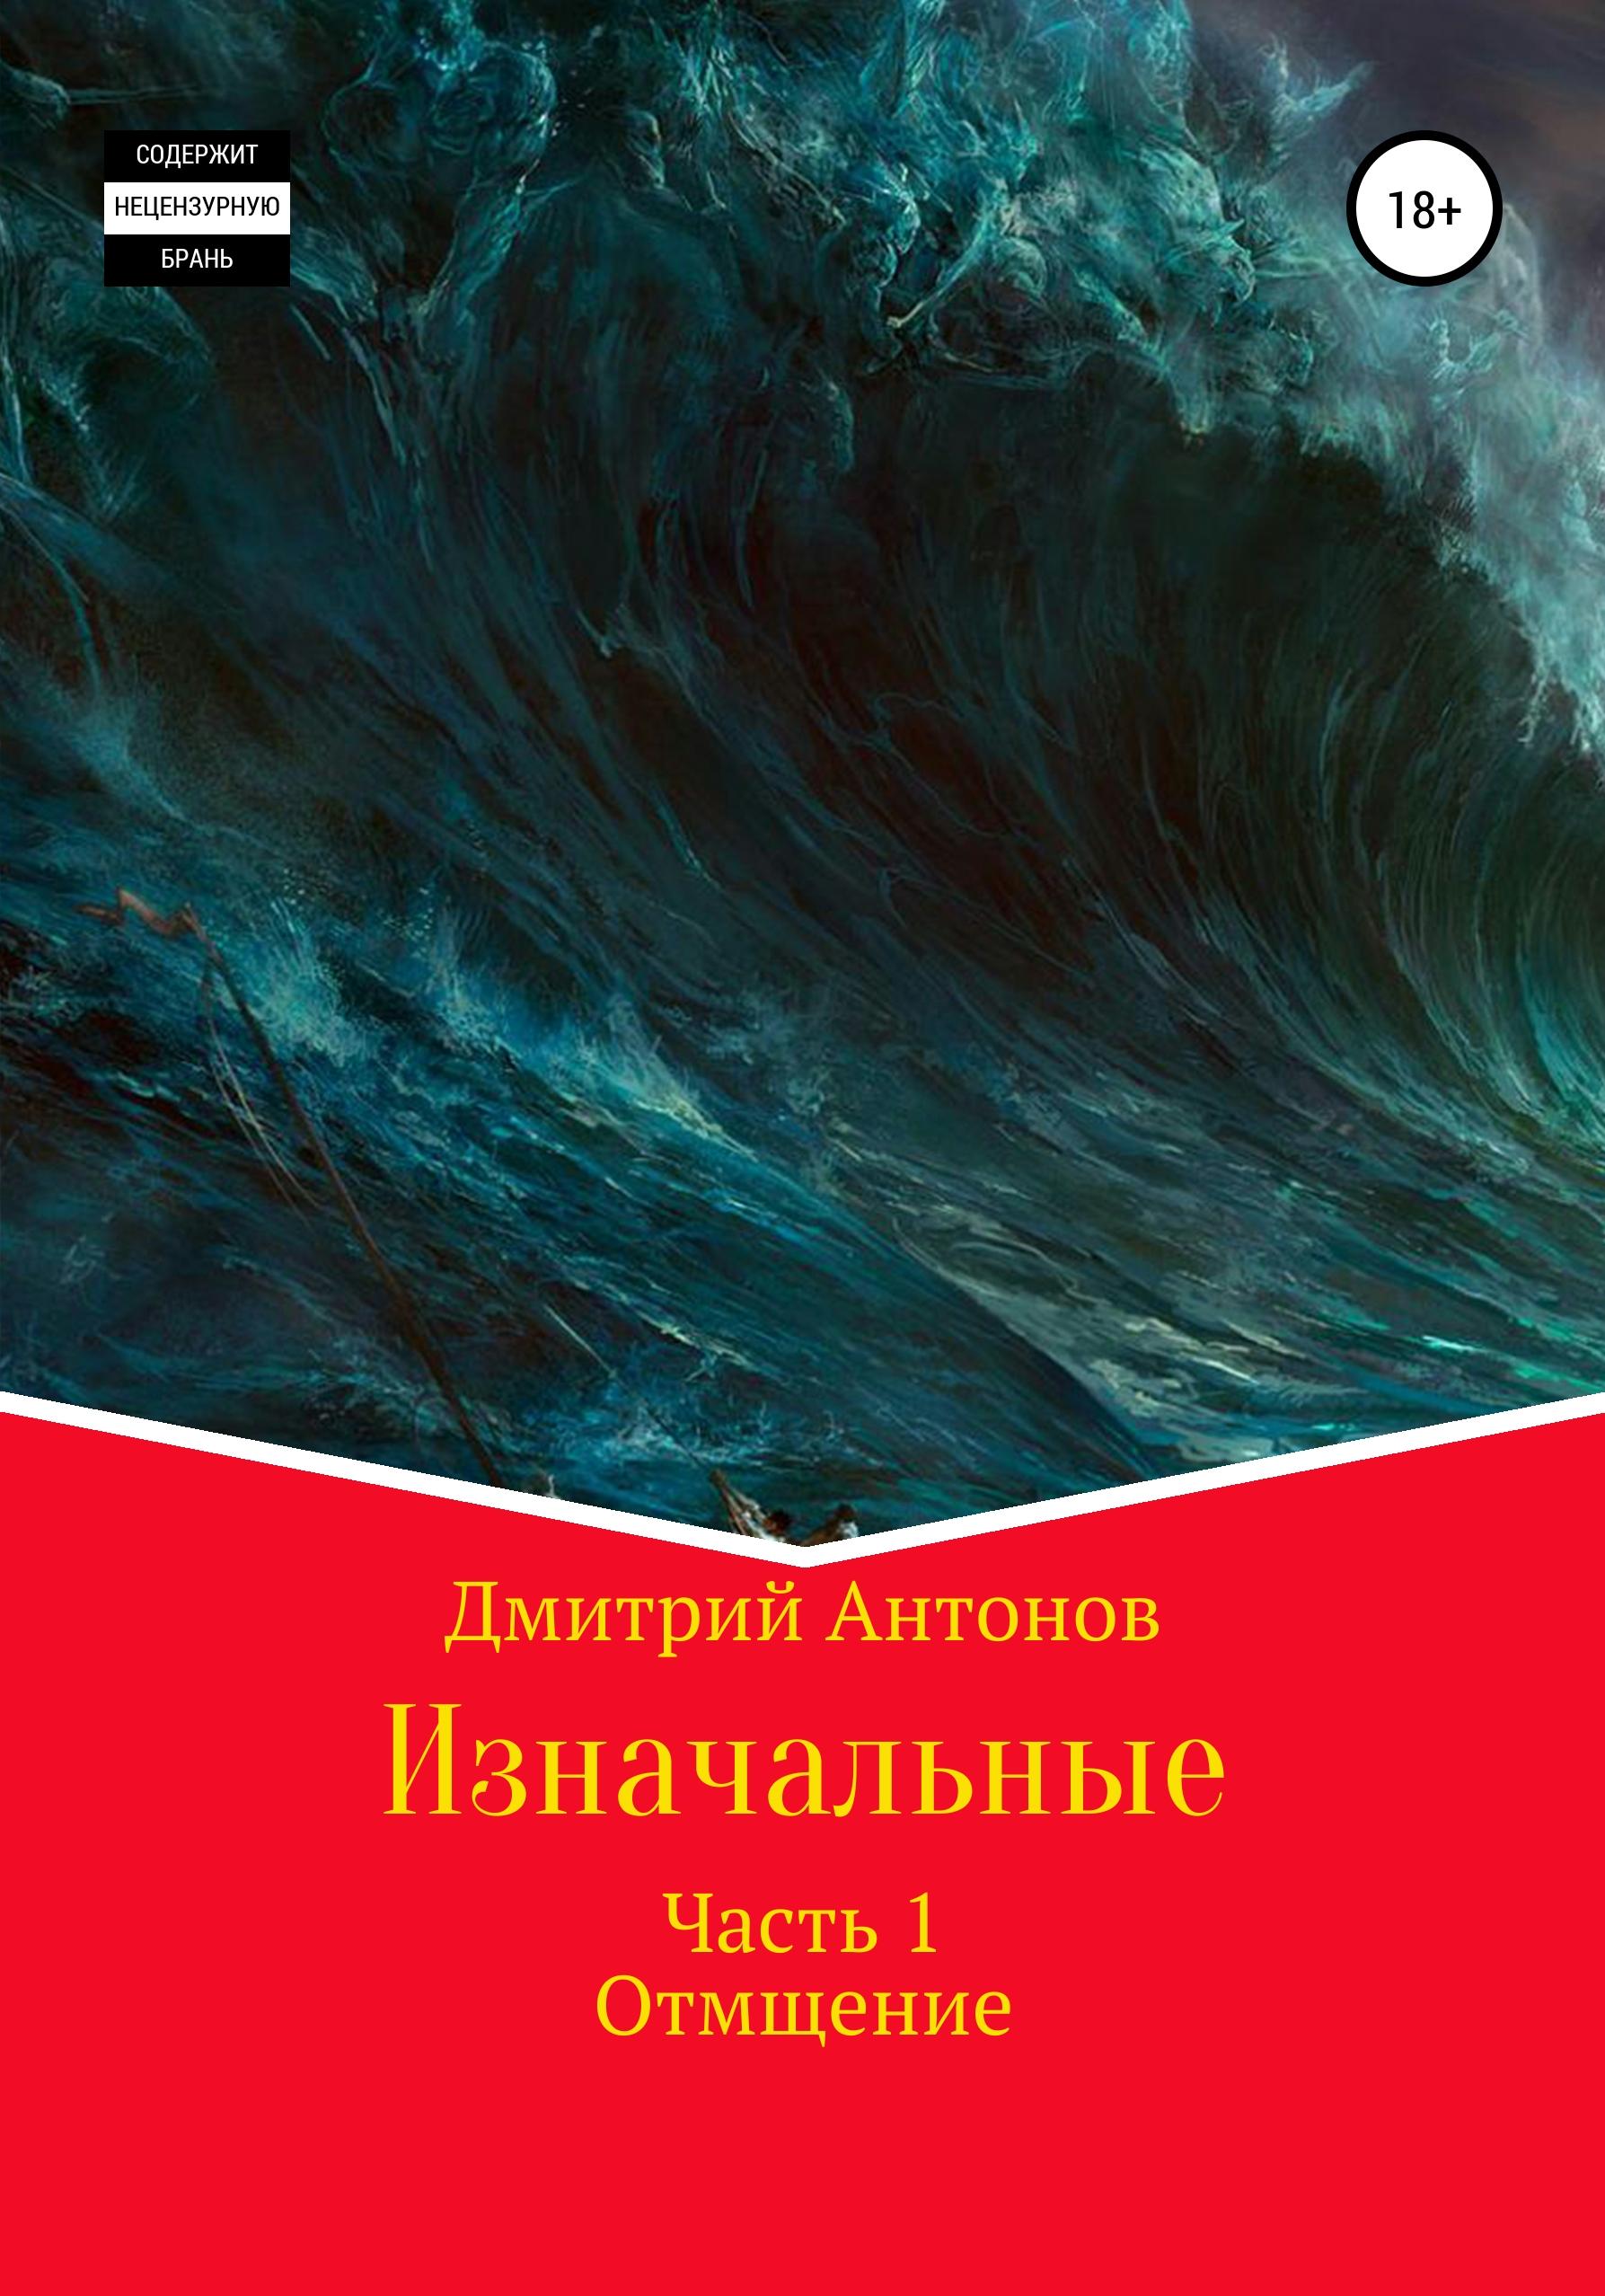 Дмитрий Антонов. Изначальные